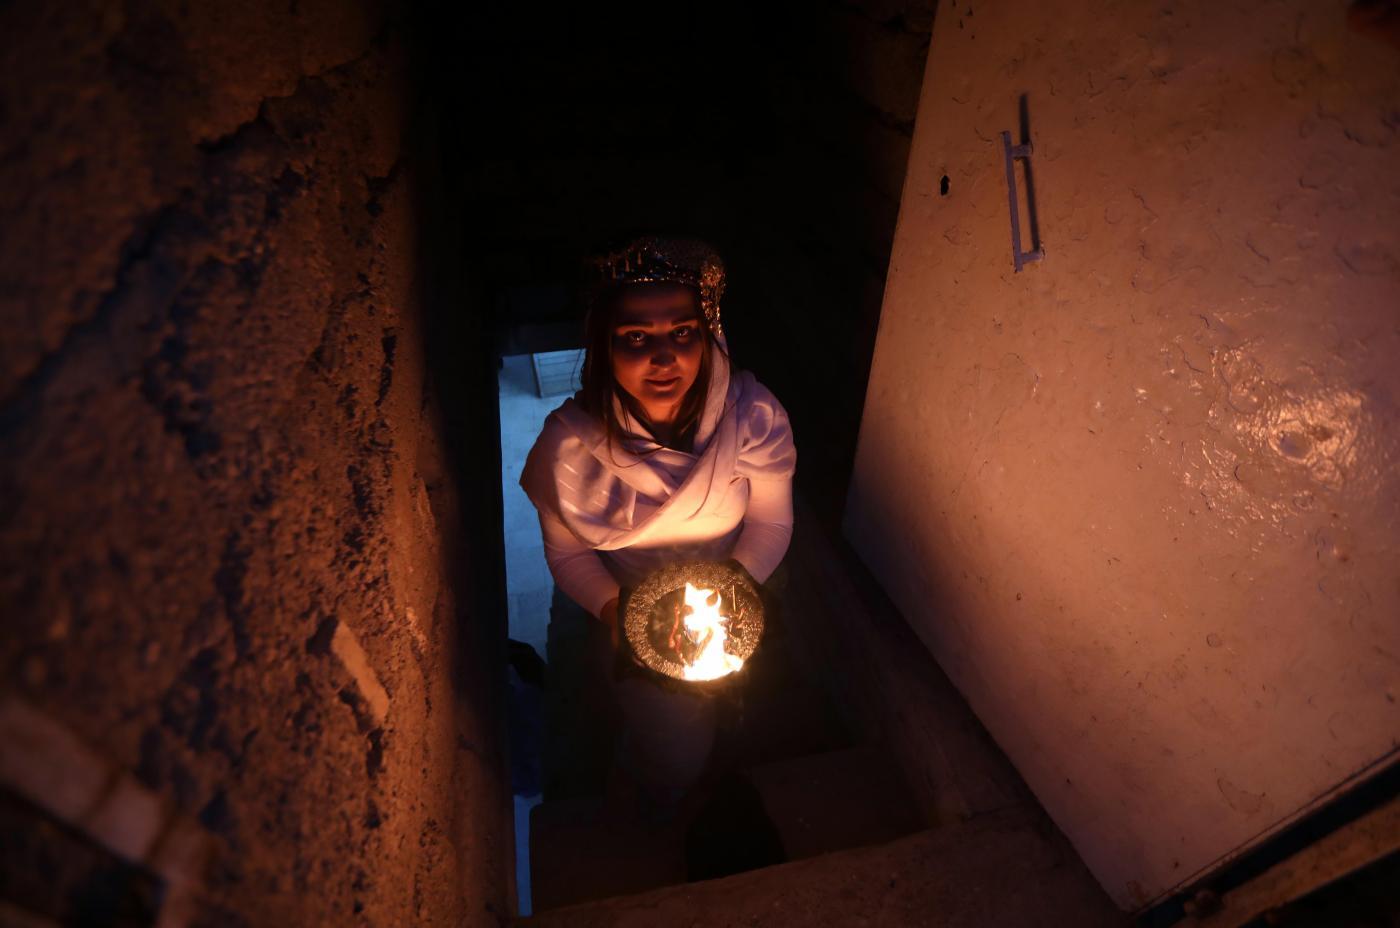 Una donna appartenente agli yazidi mentre entra in un tempio non lontano da Baghdad in Iraq (LaPresse)